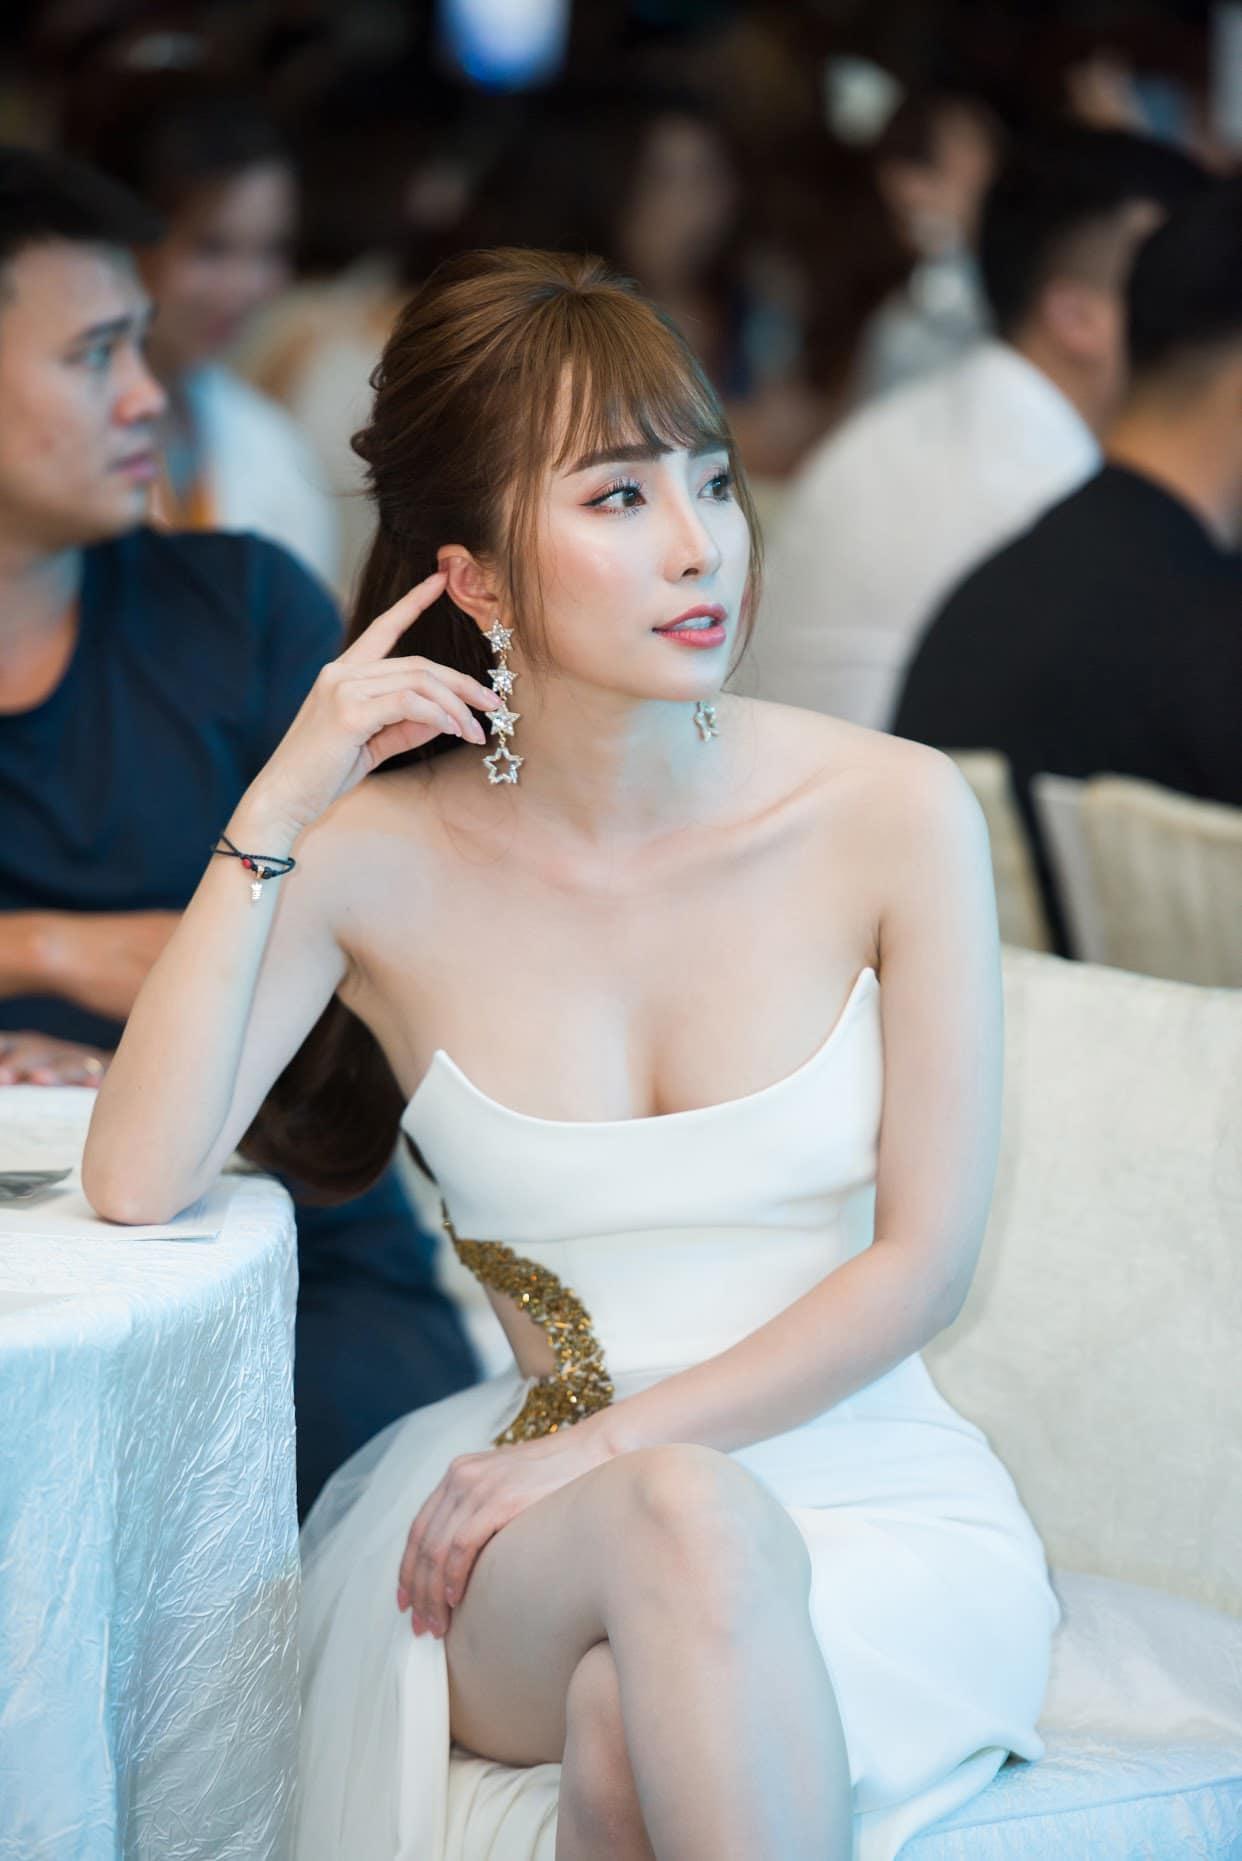 Quỳnh Nga thừa nhận nâng ngực để tự tin mặc gợi cảm-1